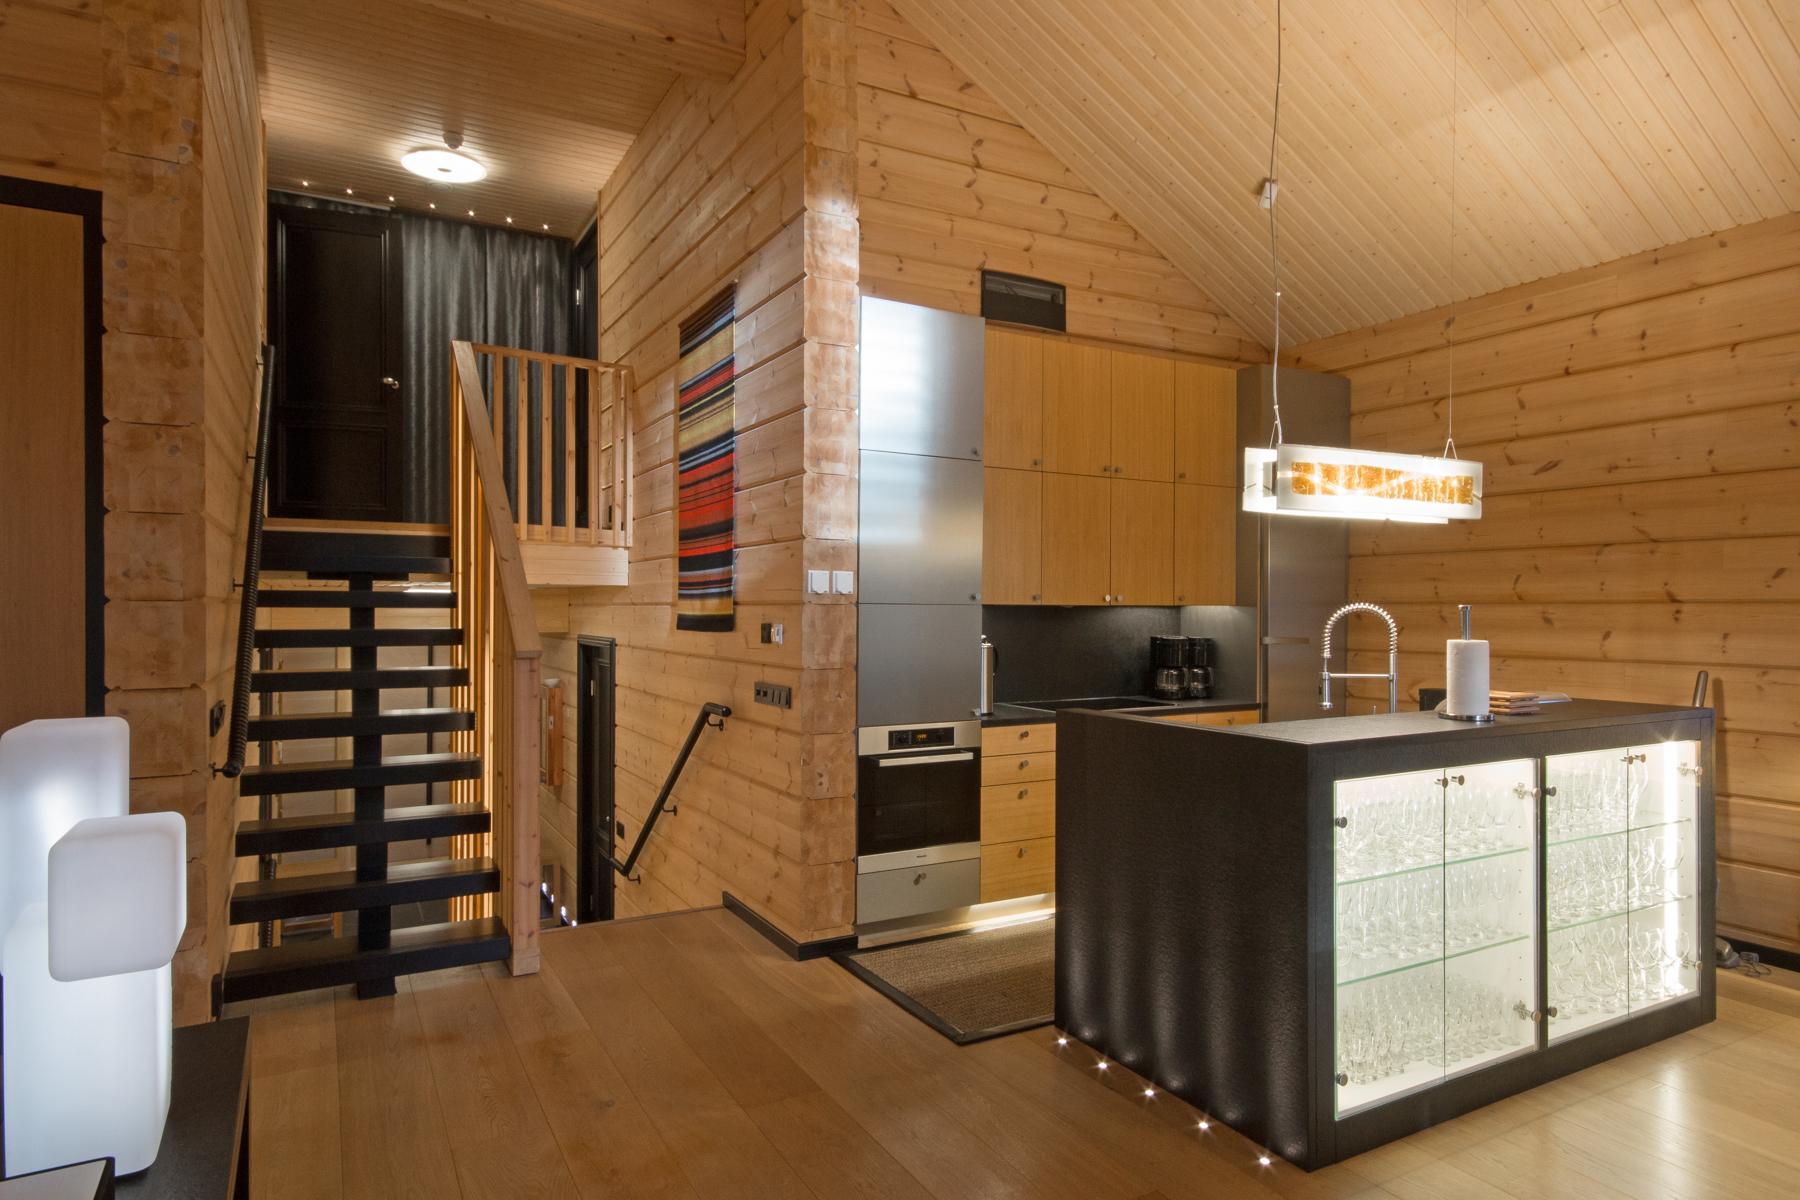 Частный односемейный дом для того Продажа на Qualitative cottage in Levi Länsirakka 10 Other Cities In Finland, Cities In Finland, 99130 Finland